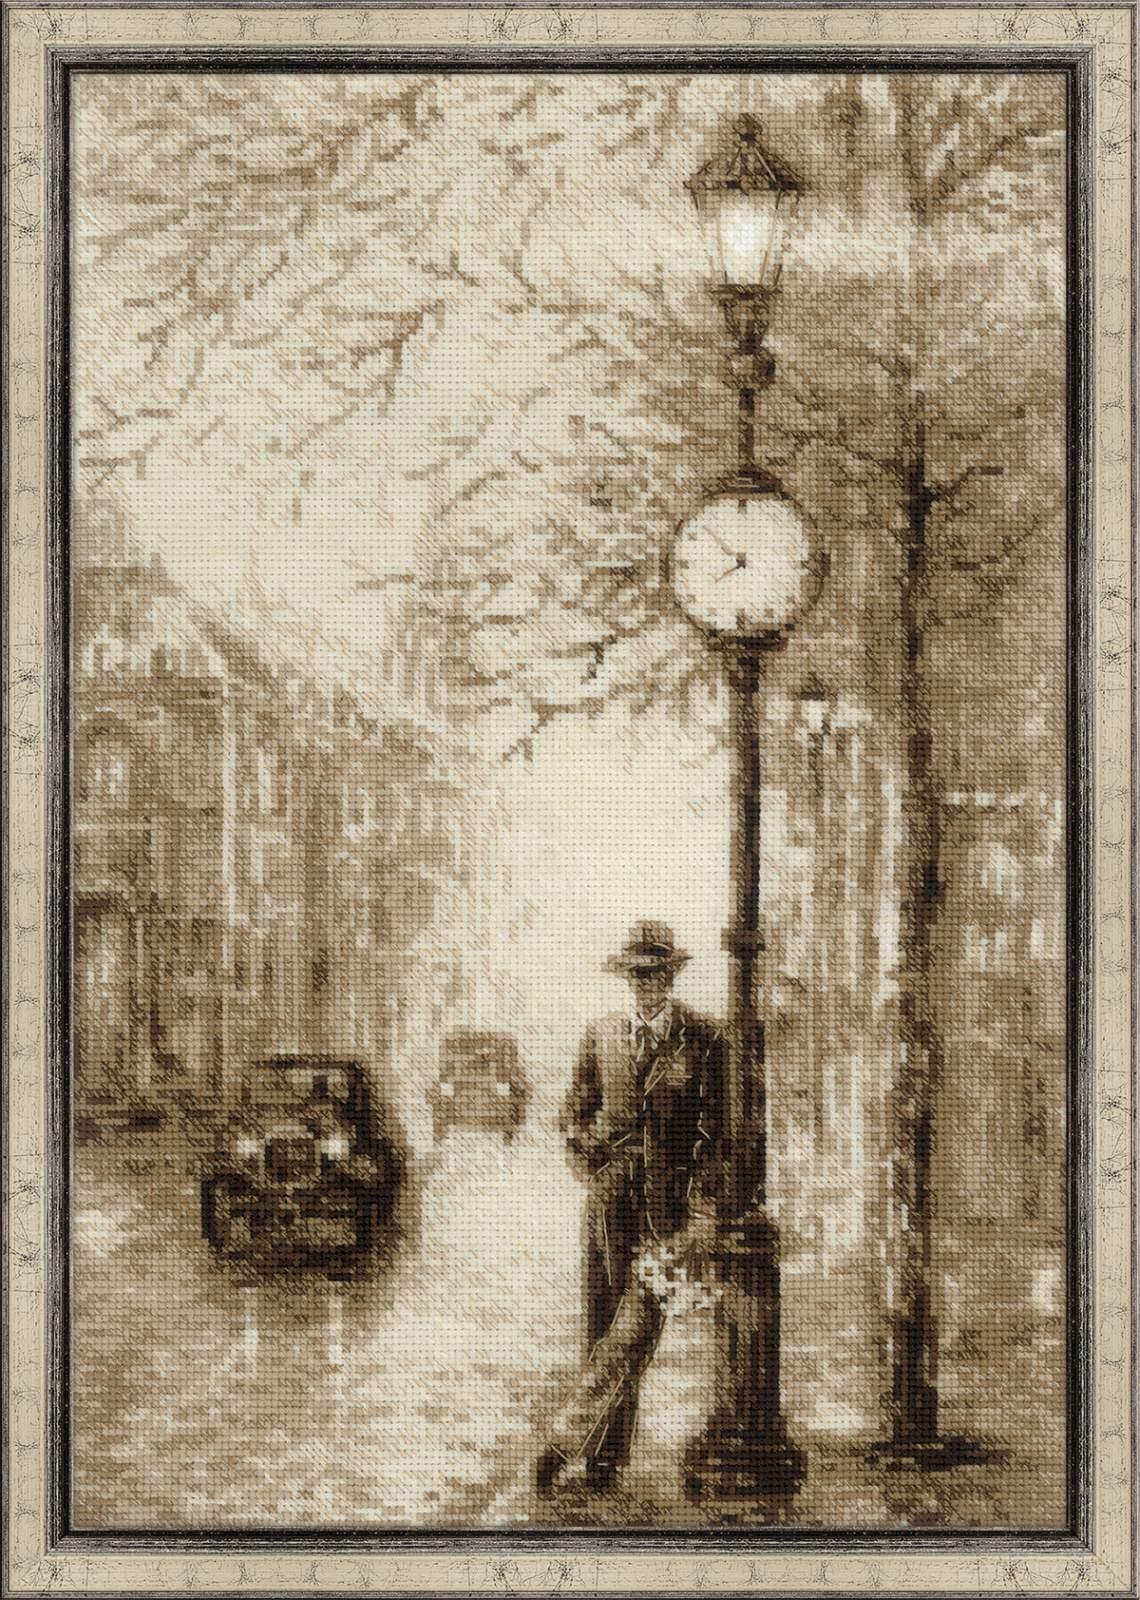 Набор для вышивания 1611 Старая фотография. Ожидание Риолис